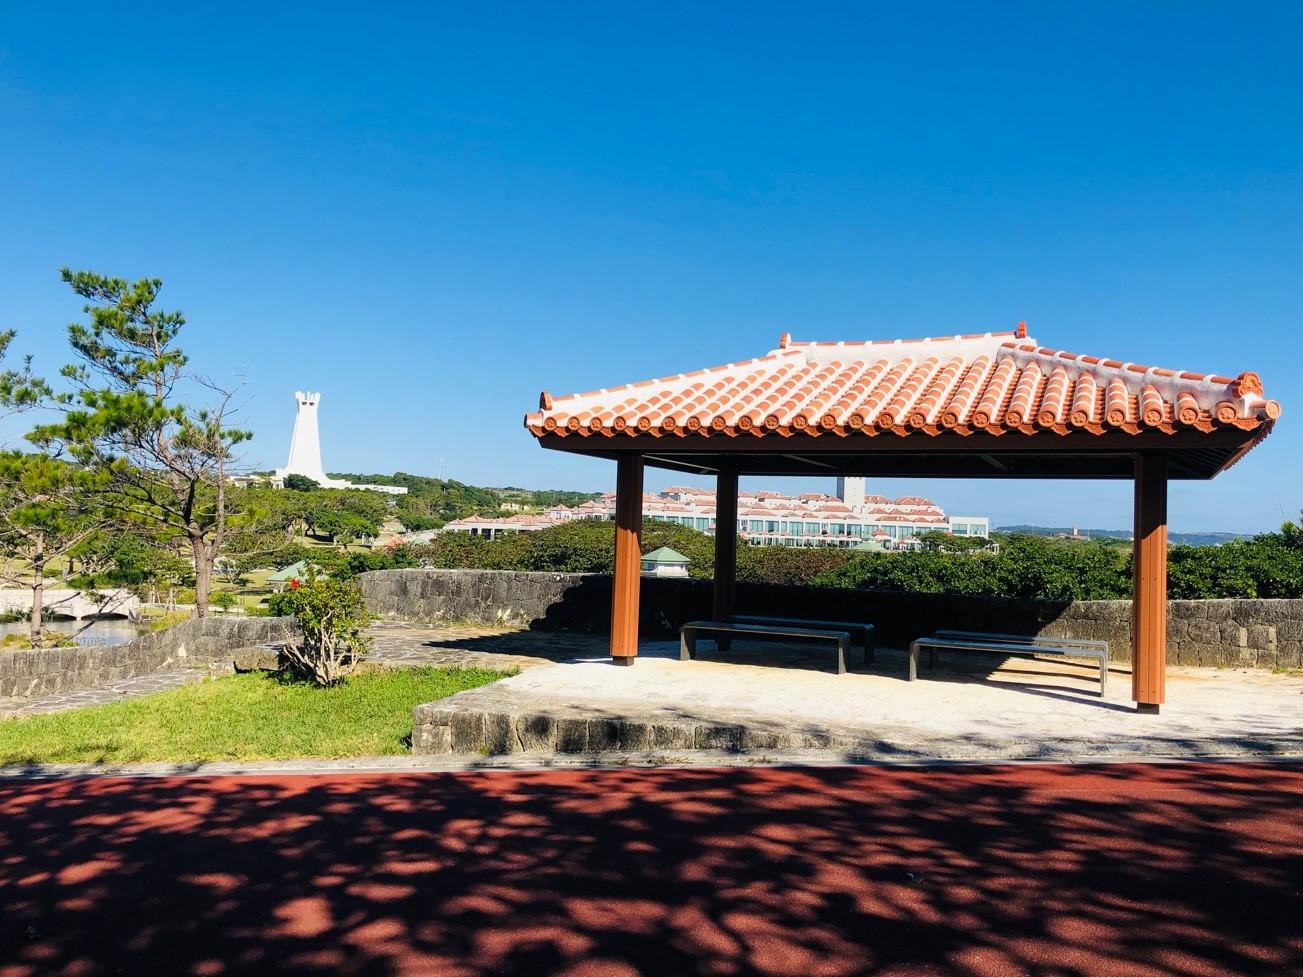 沖縄県糸満市「平和祈念公園」青空に映える赤瓦